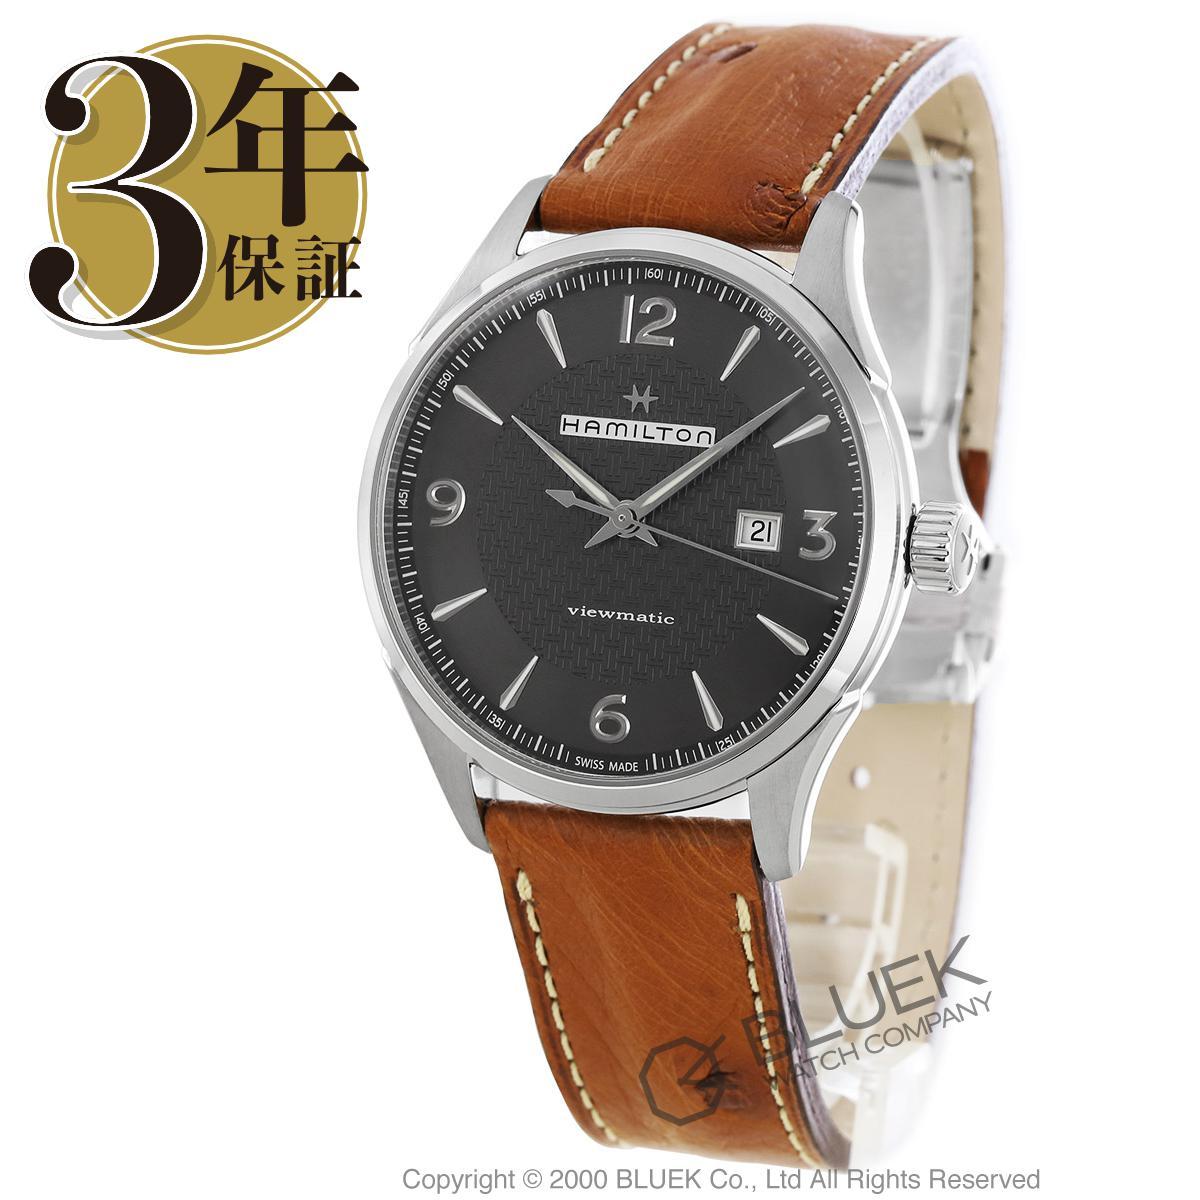 ハミルトン ジャズマスター ビューマチック オーストリッチレザー 腕時計 メンズ HAMILTON H32755851_3